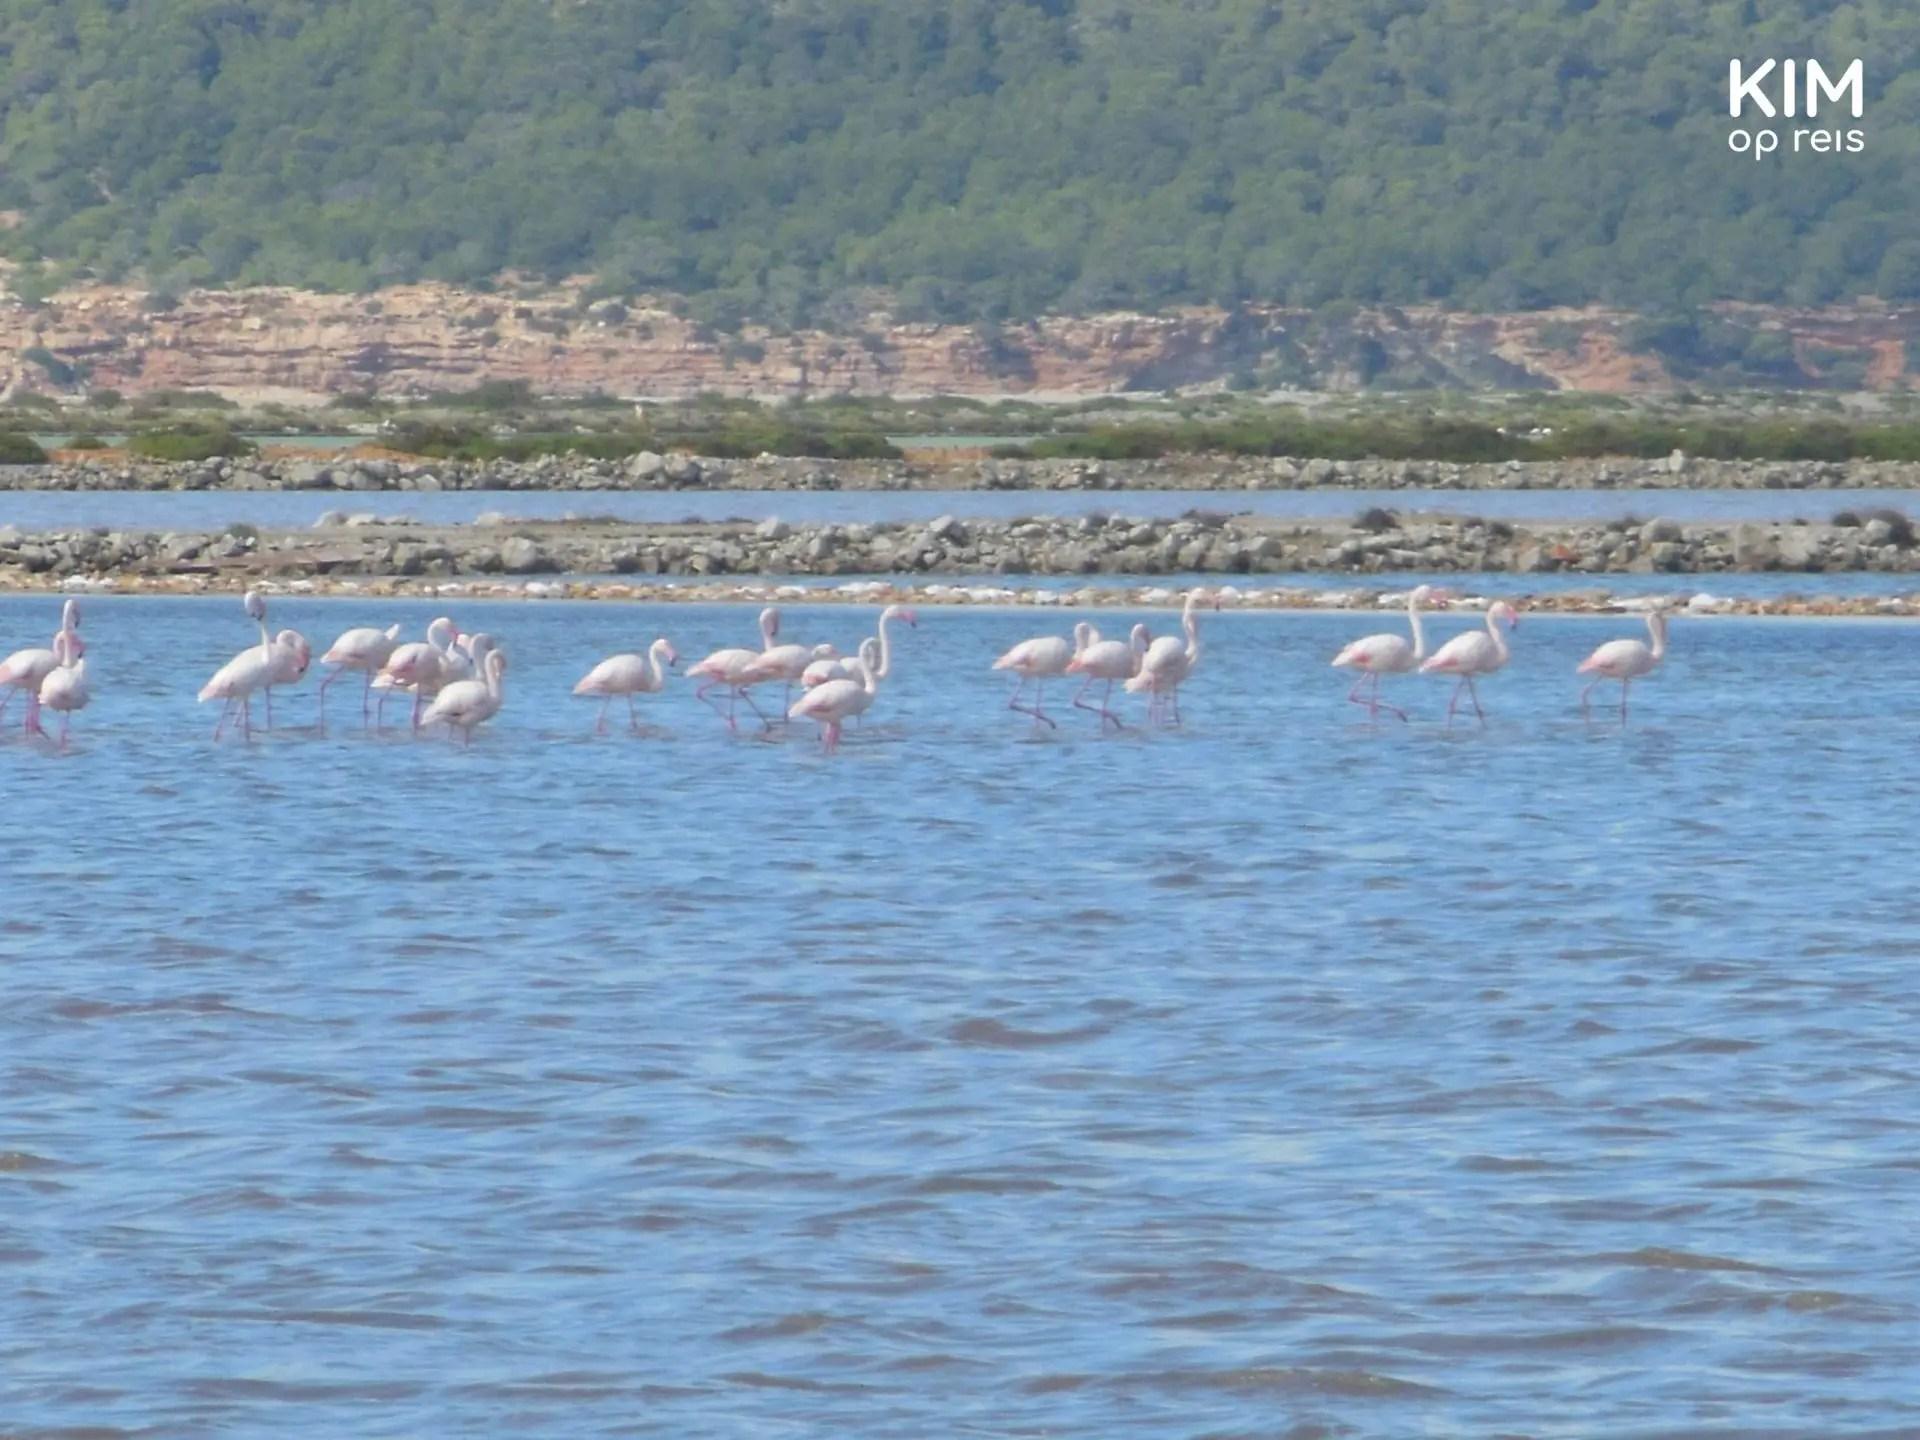 Flamingo's kijken op Ibiza - ingezoomde foto met een flamingokolonie in het water